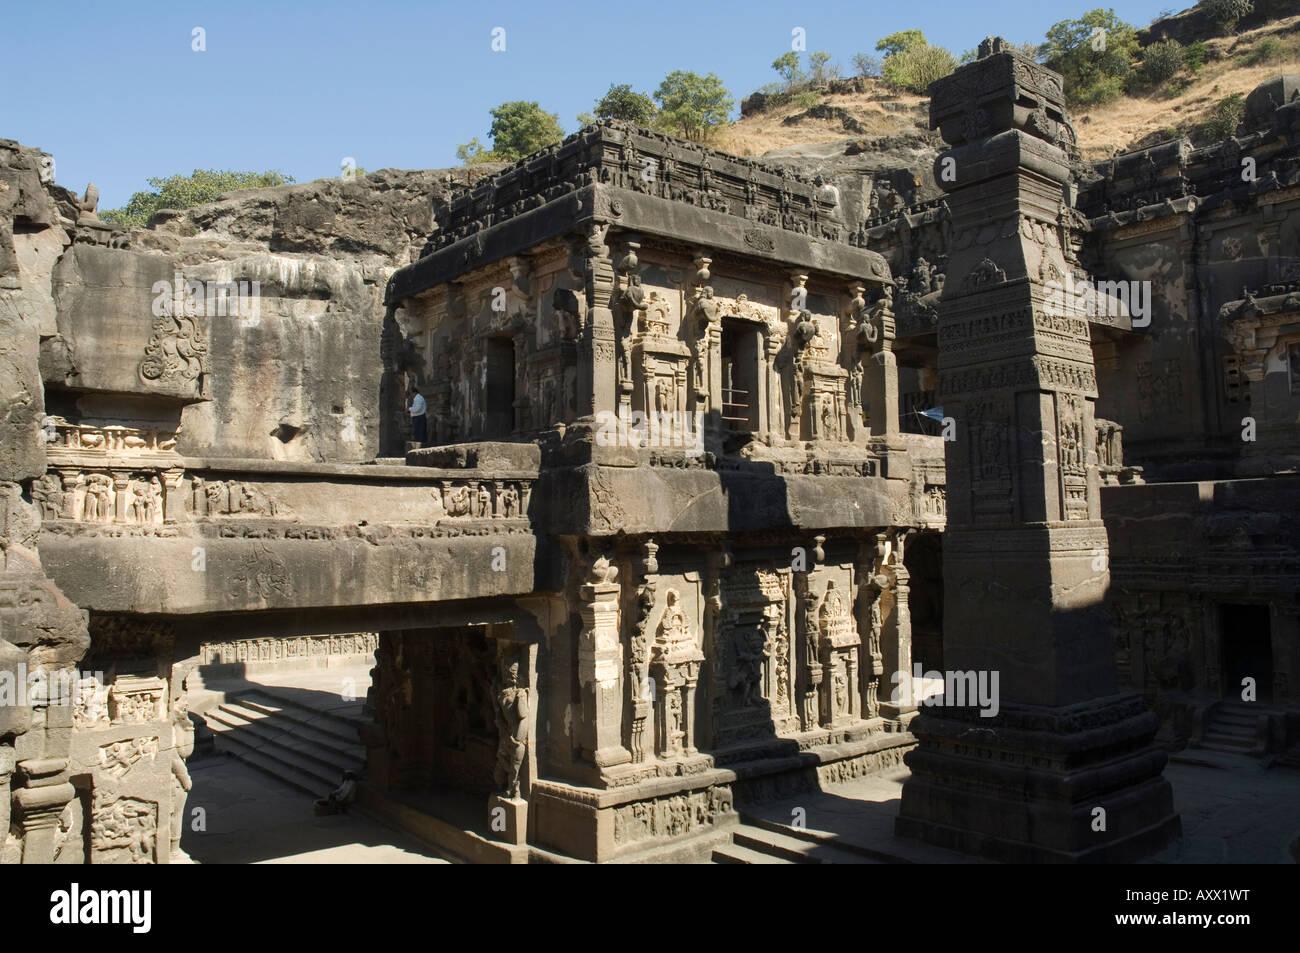 Les grottes d'Ellora, les temples coupé en roche solide, près de Aurangabad, Maharashtra, Inde Photo Stock